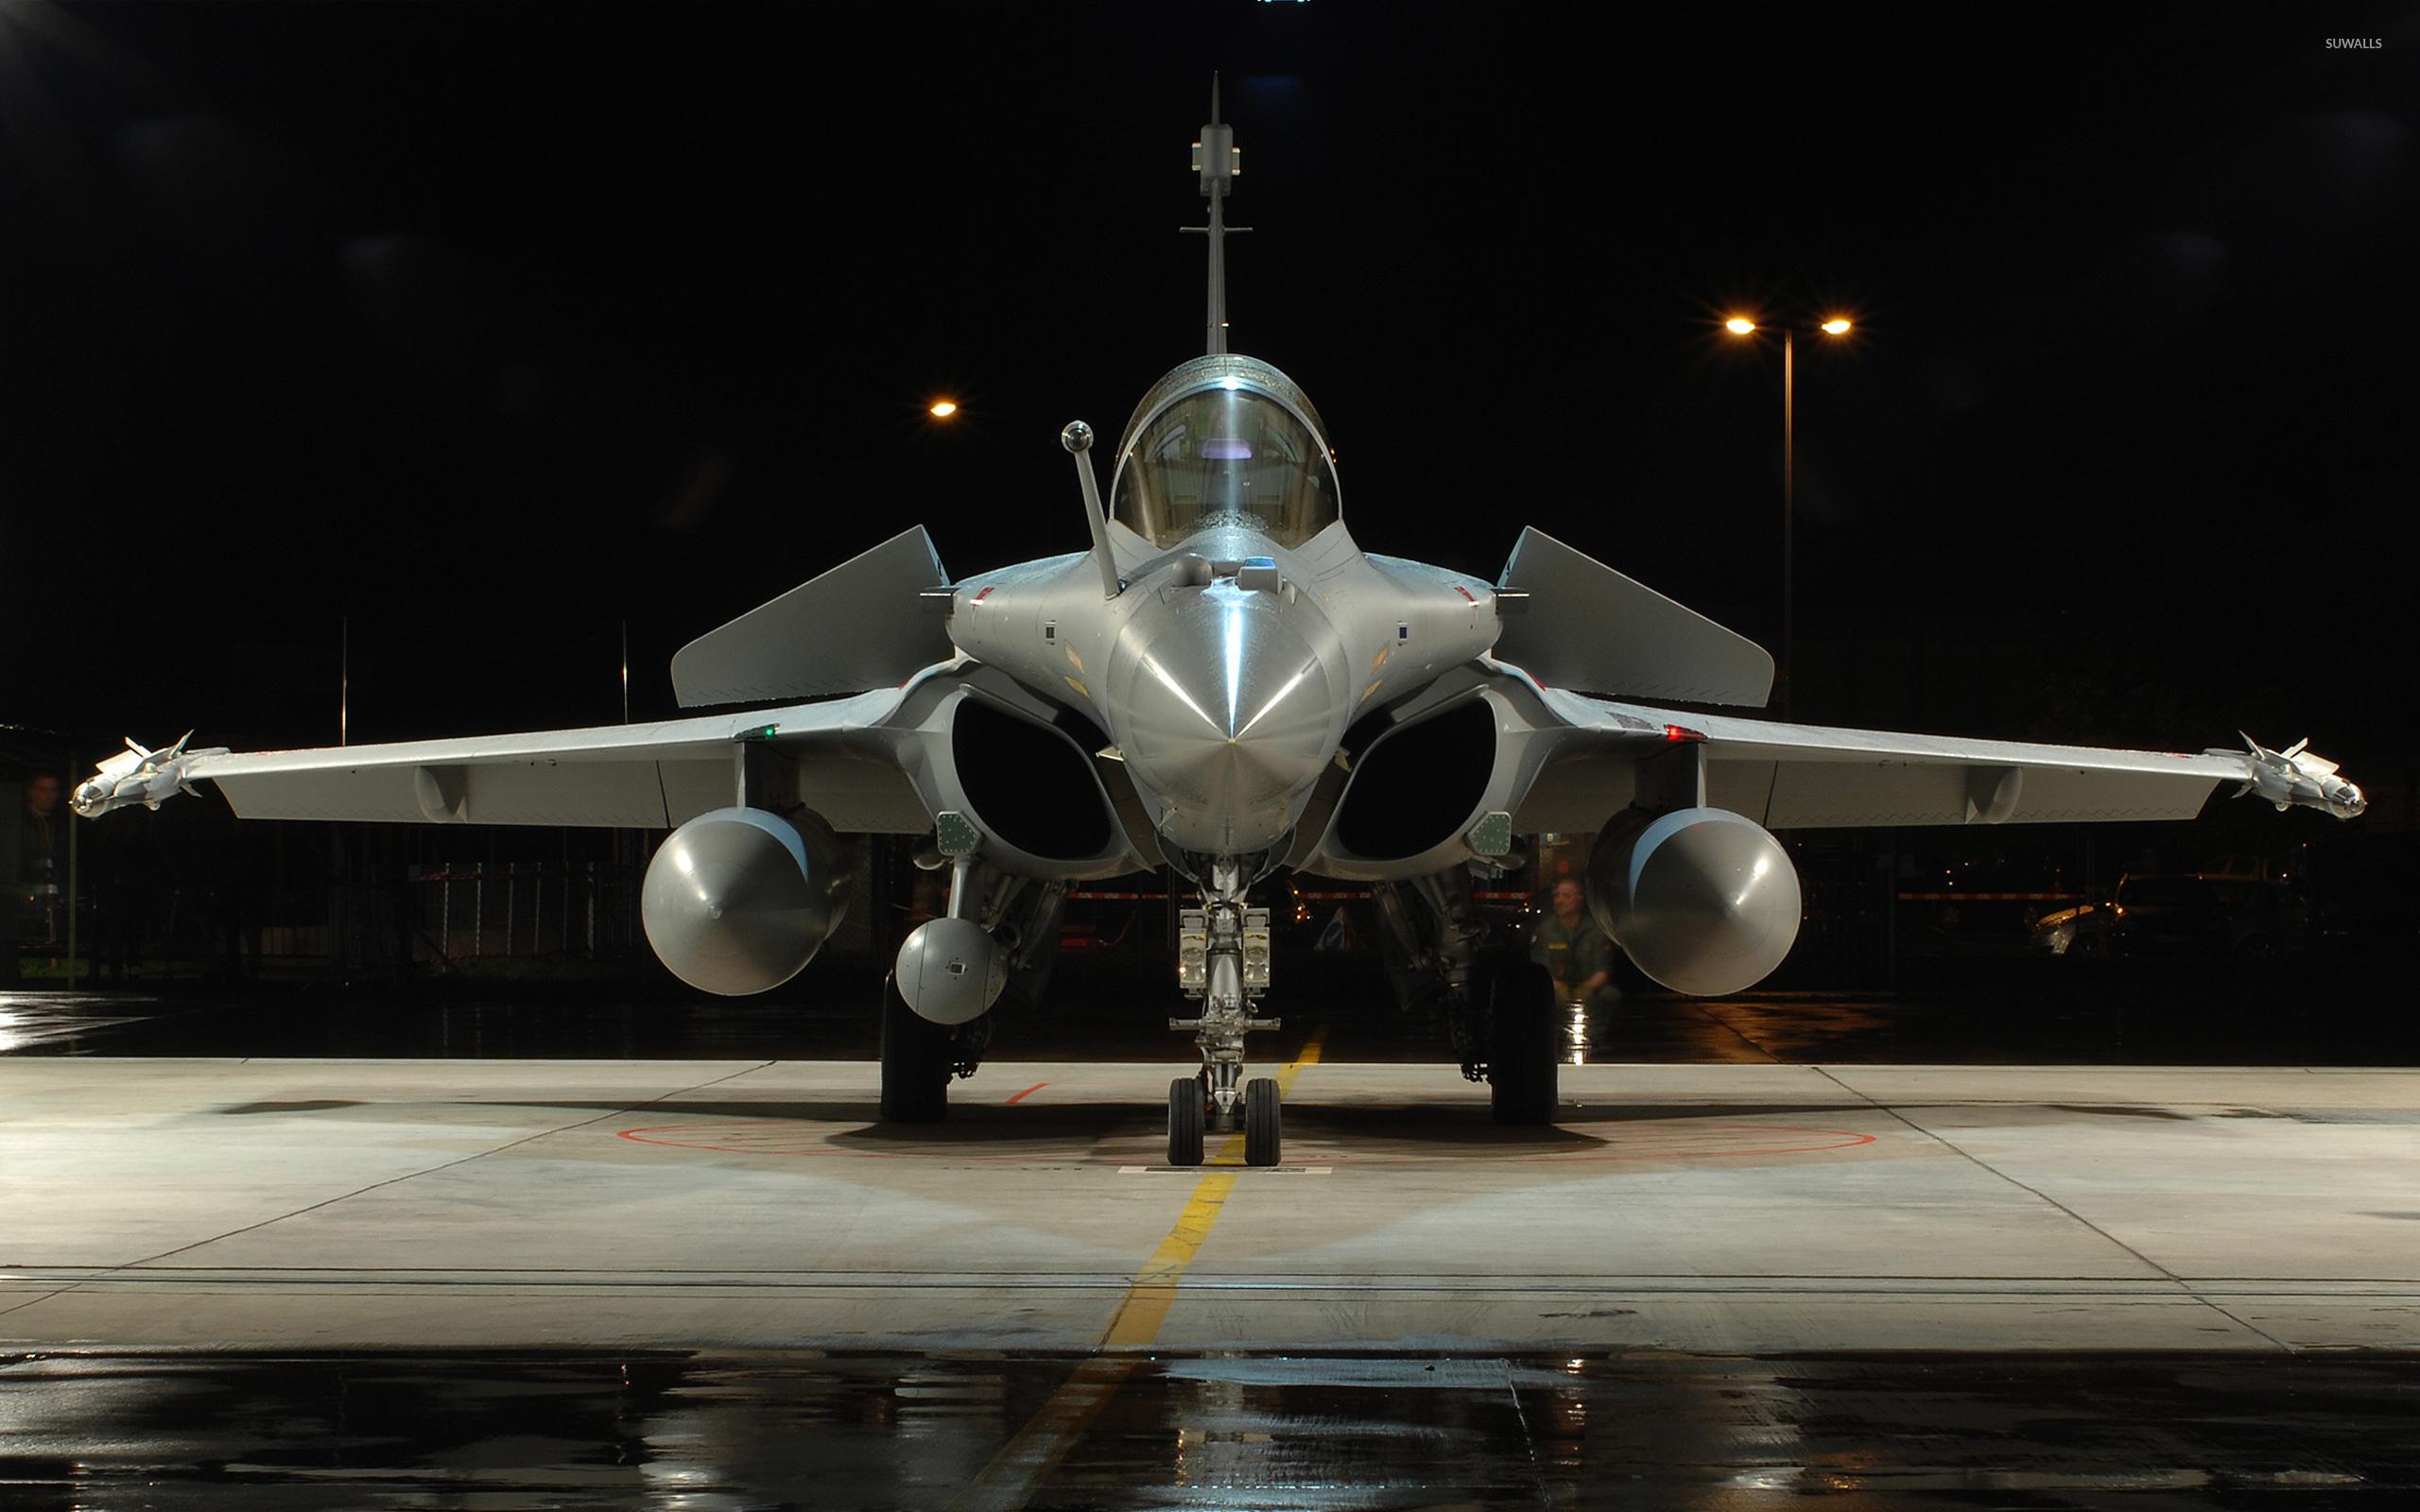 Dassault Rafale wallpaper - Aircraft wallpapers - #8758